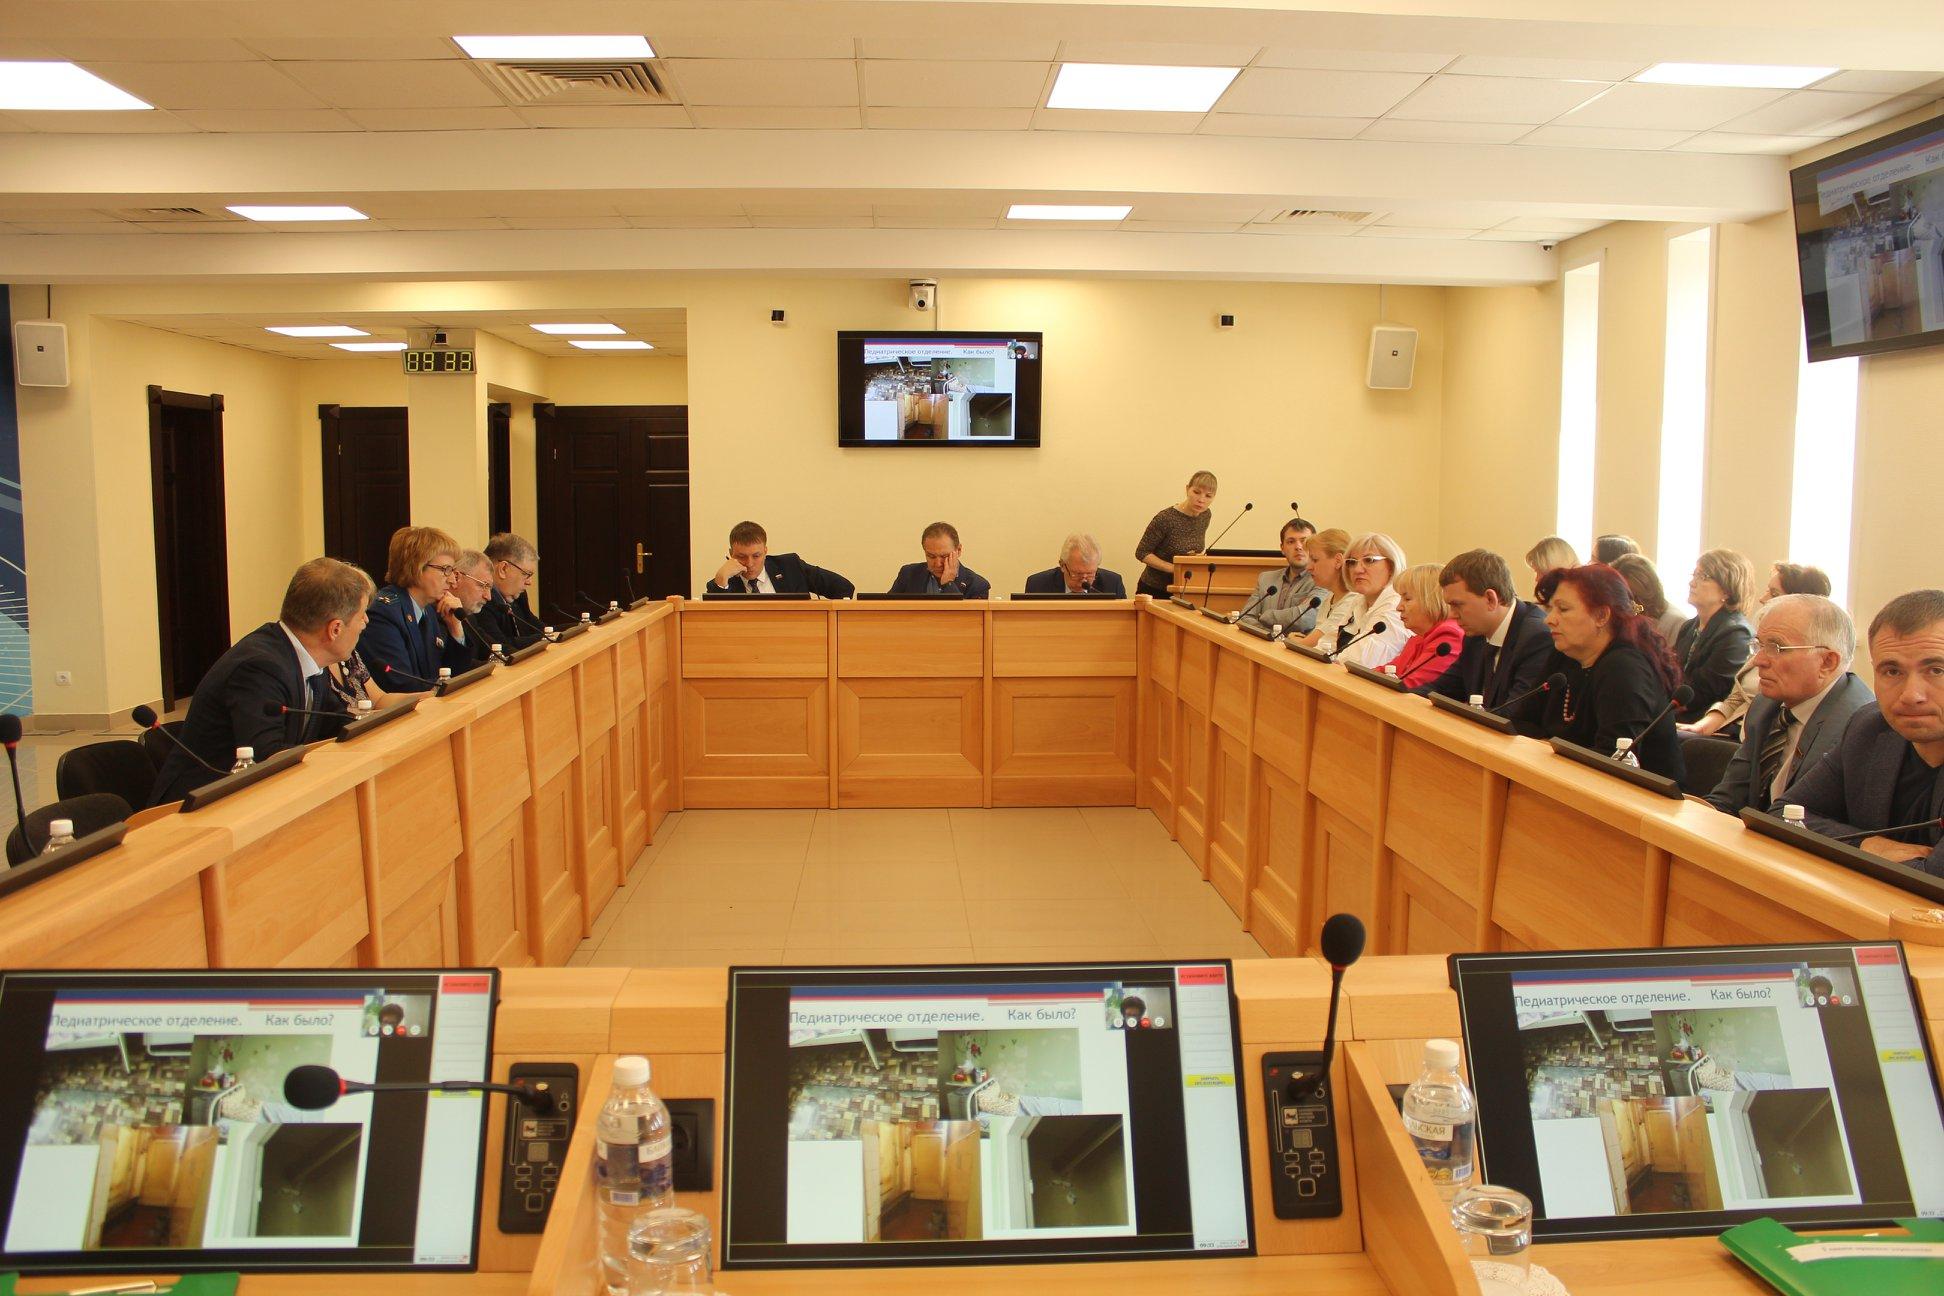 Состоялось заседание комитета по здравоохранению и социальной защите Законодательного Собрания Иркутской области, на котором был рассмотрен вопрос о реализации «Дорожной карты» по совершенствованию организации медицинской помощи на территории г. Усть…